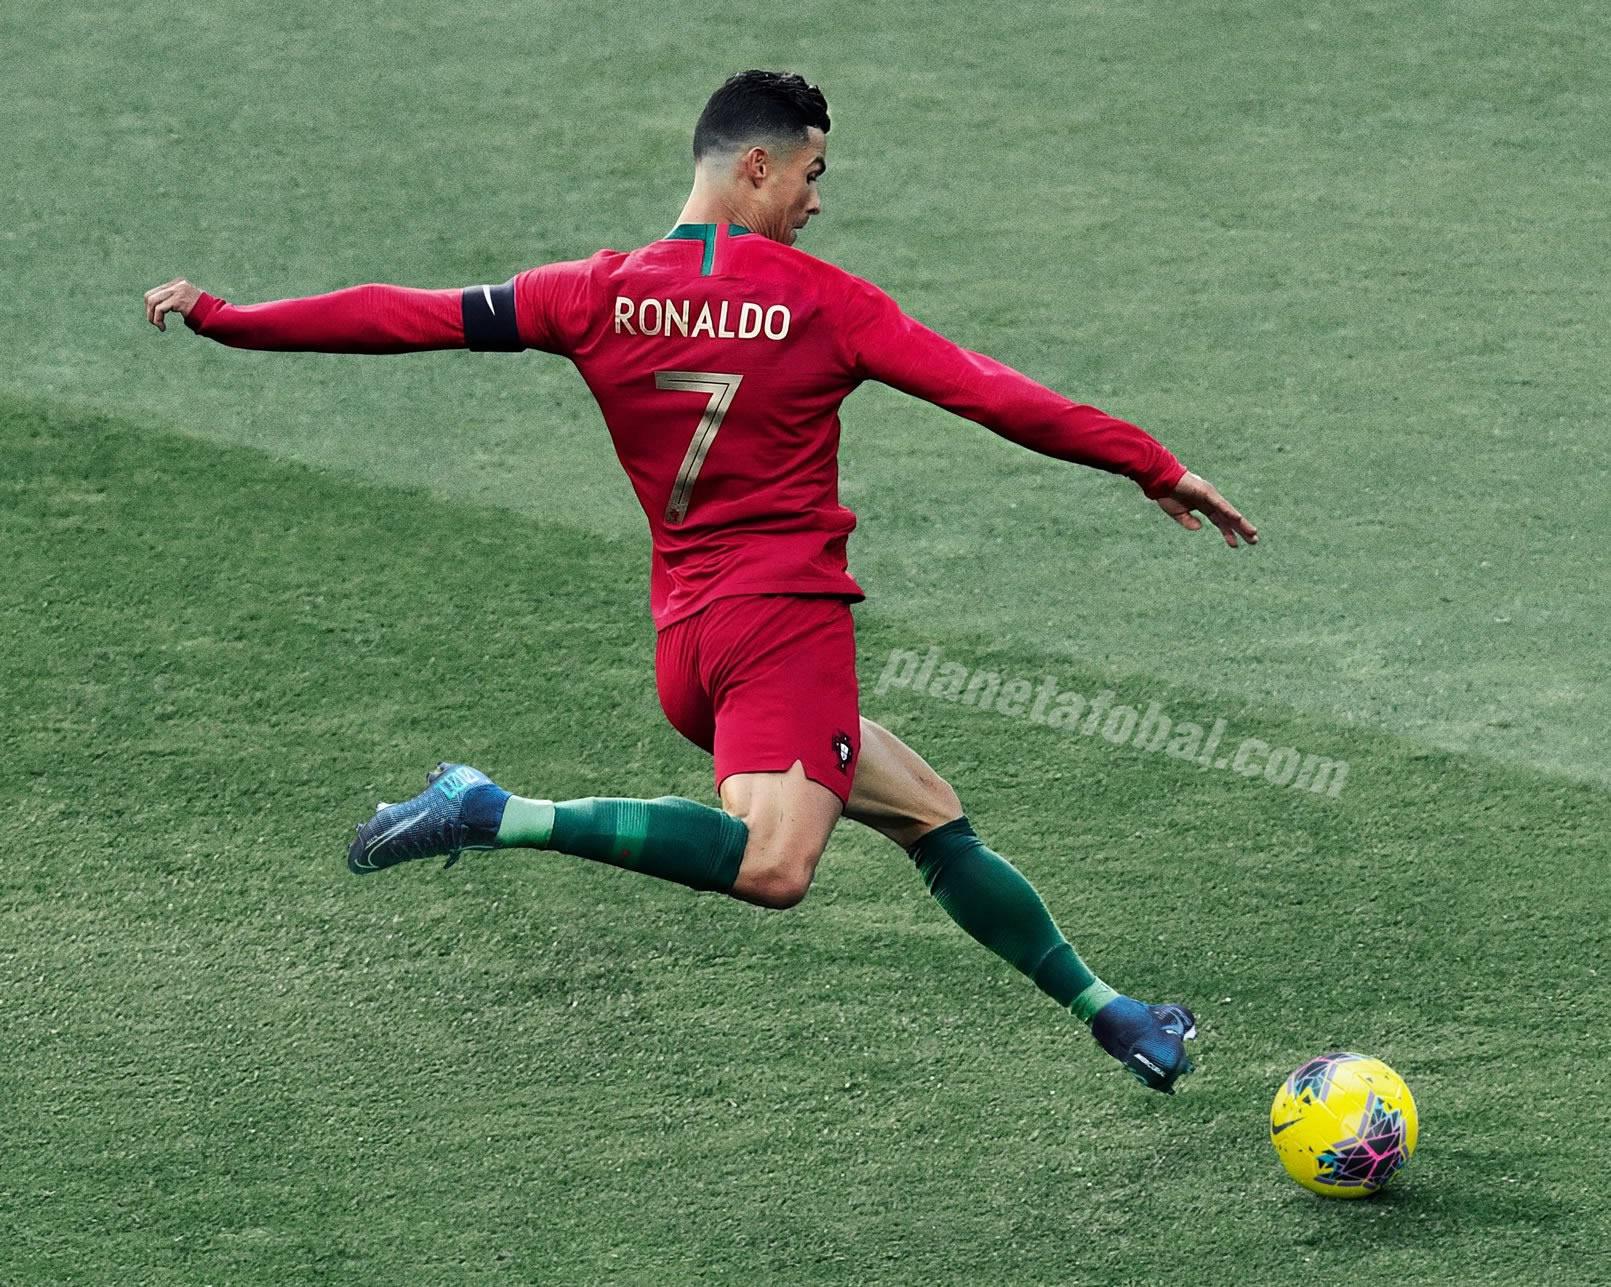 Cristiano Ronaldo con los nuevos botines Mercurial Dream Speed | Imagen Nike